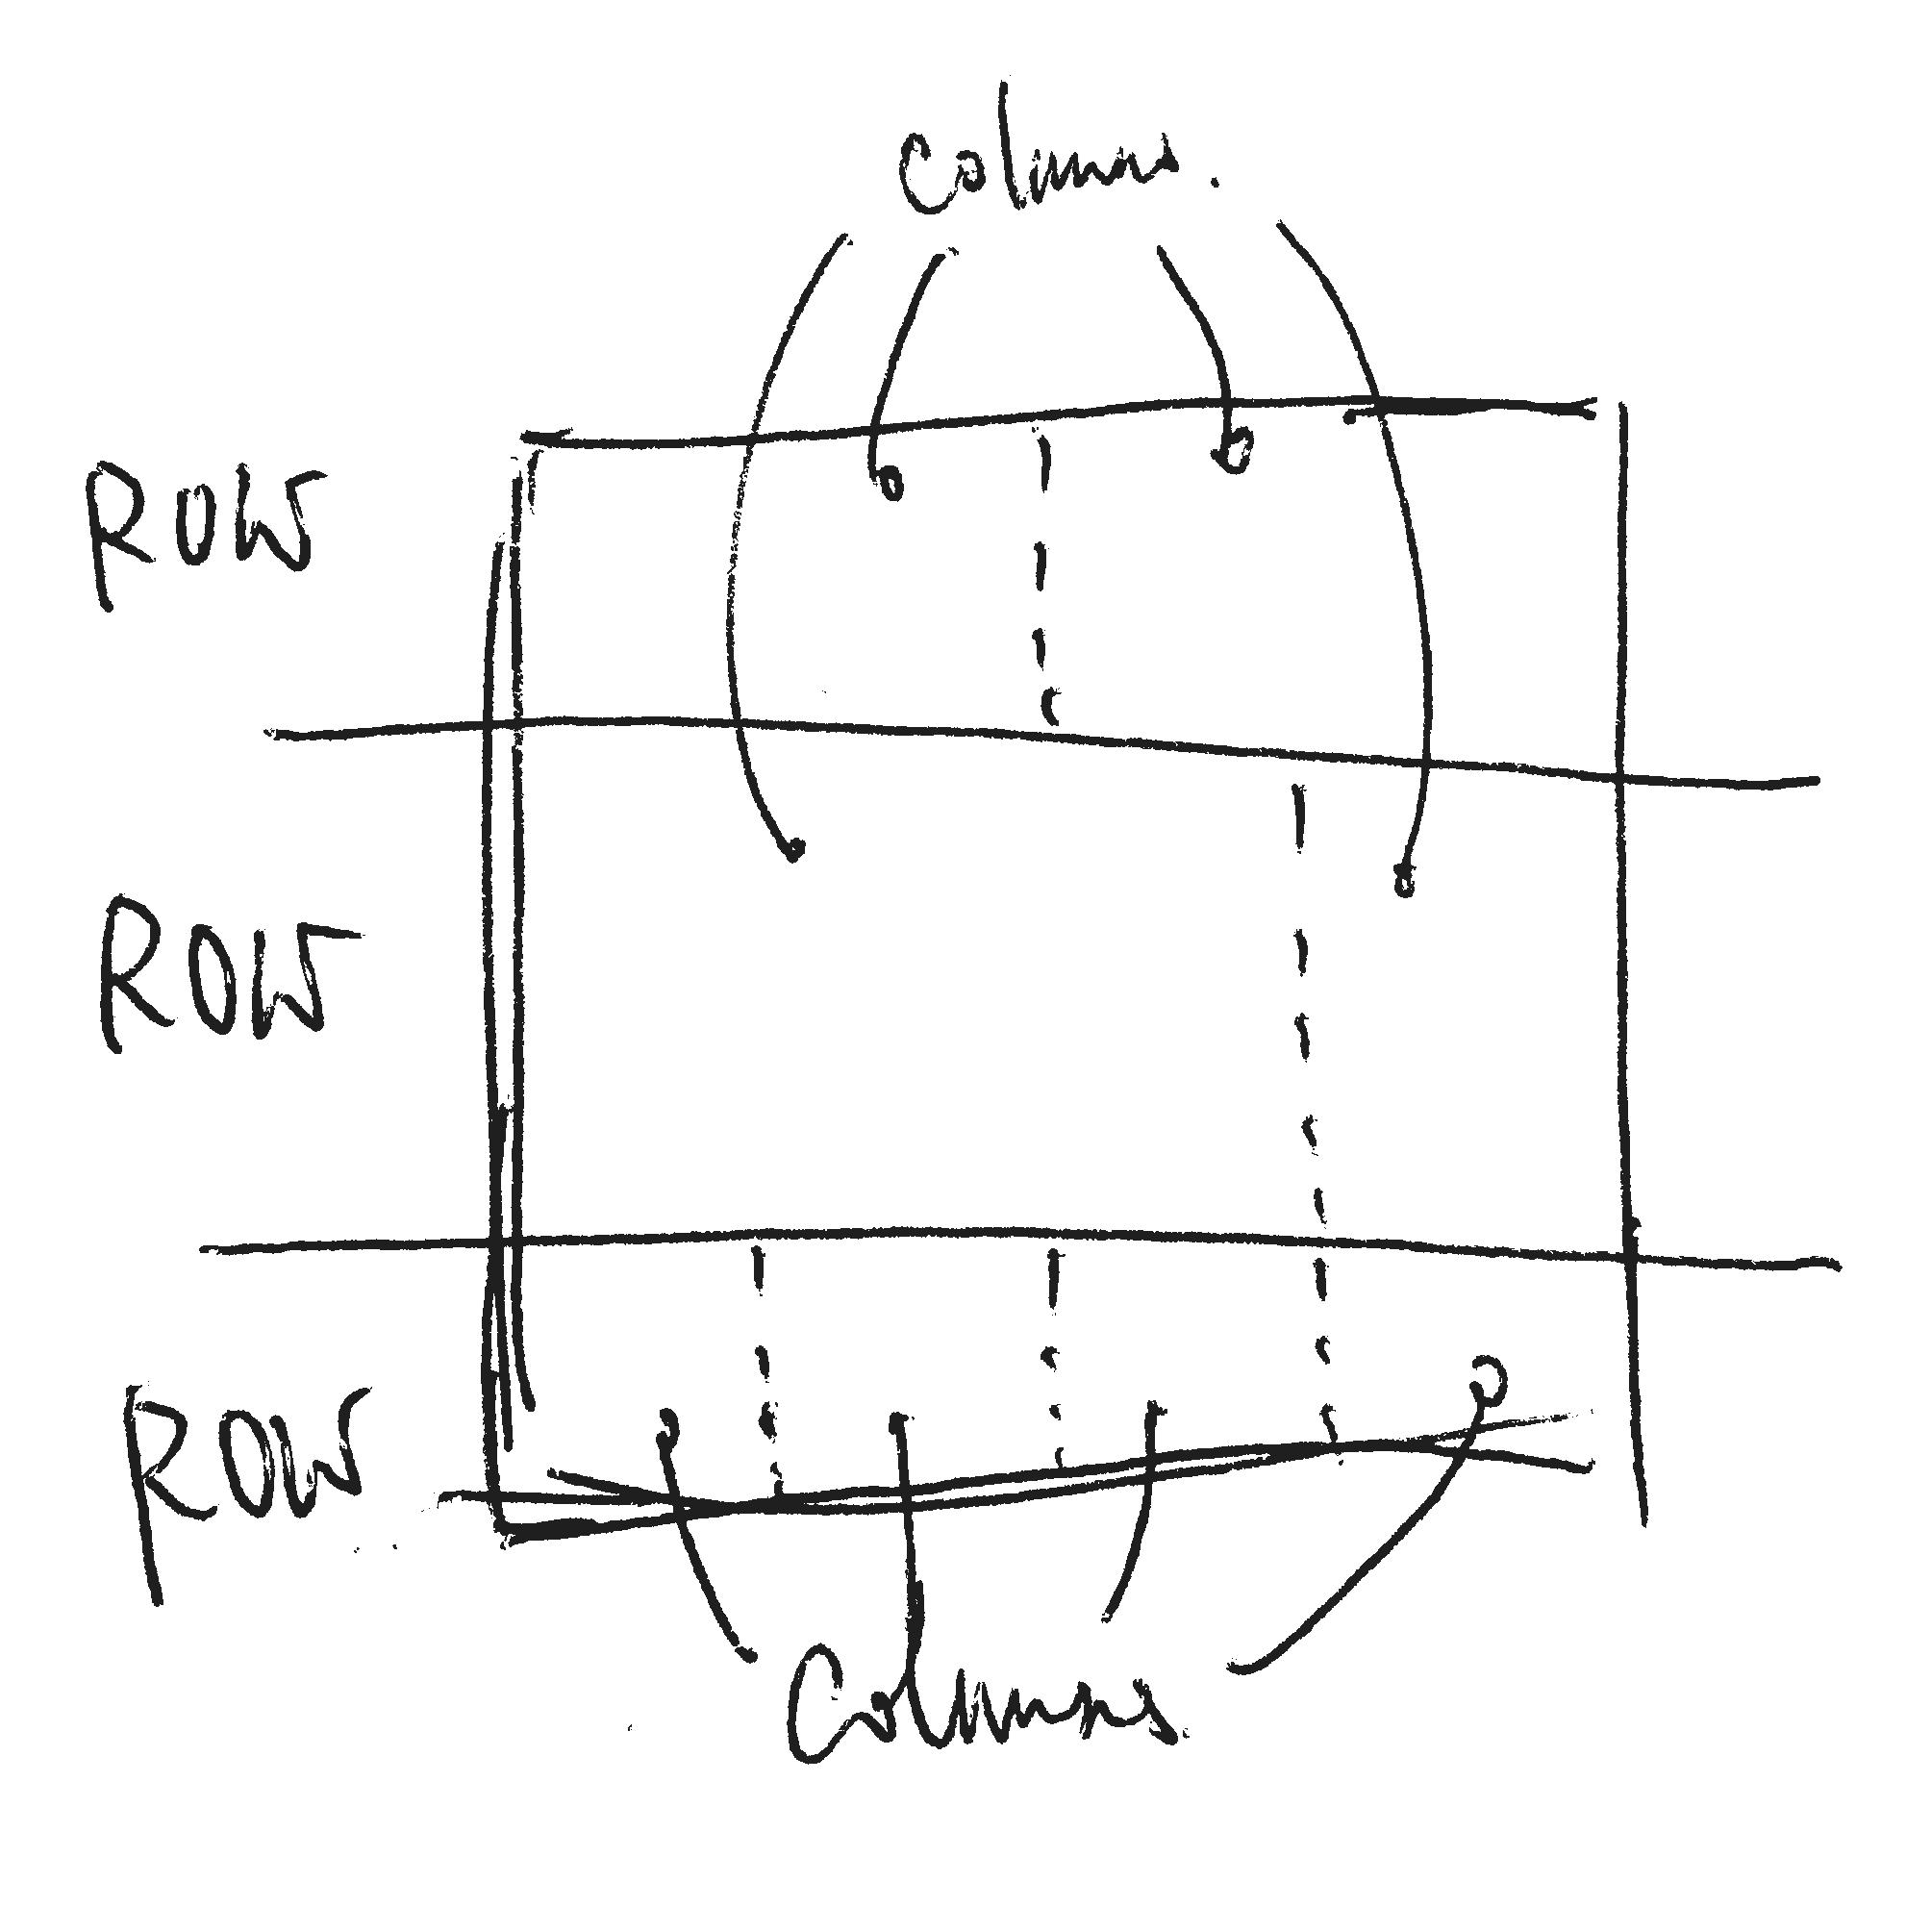 Row-Column